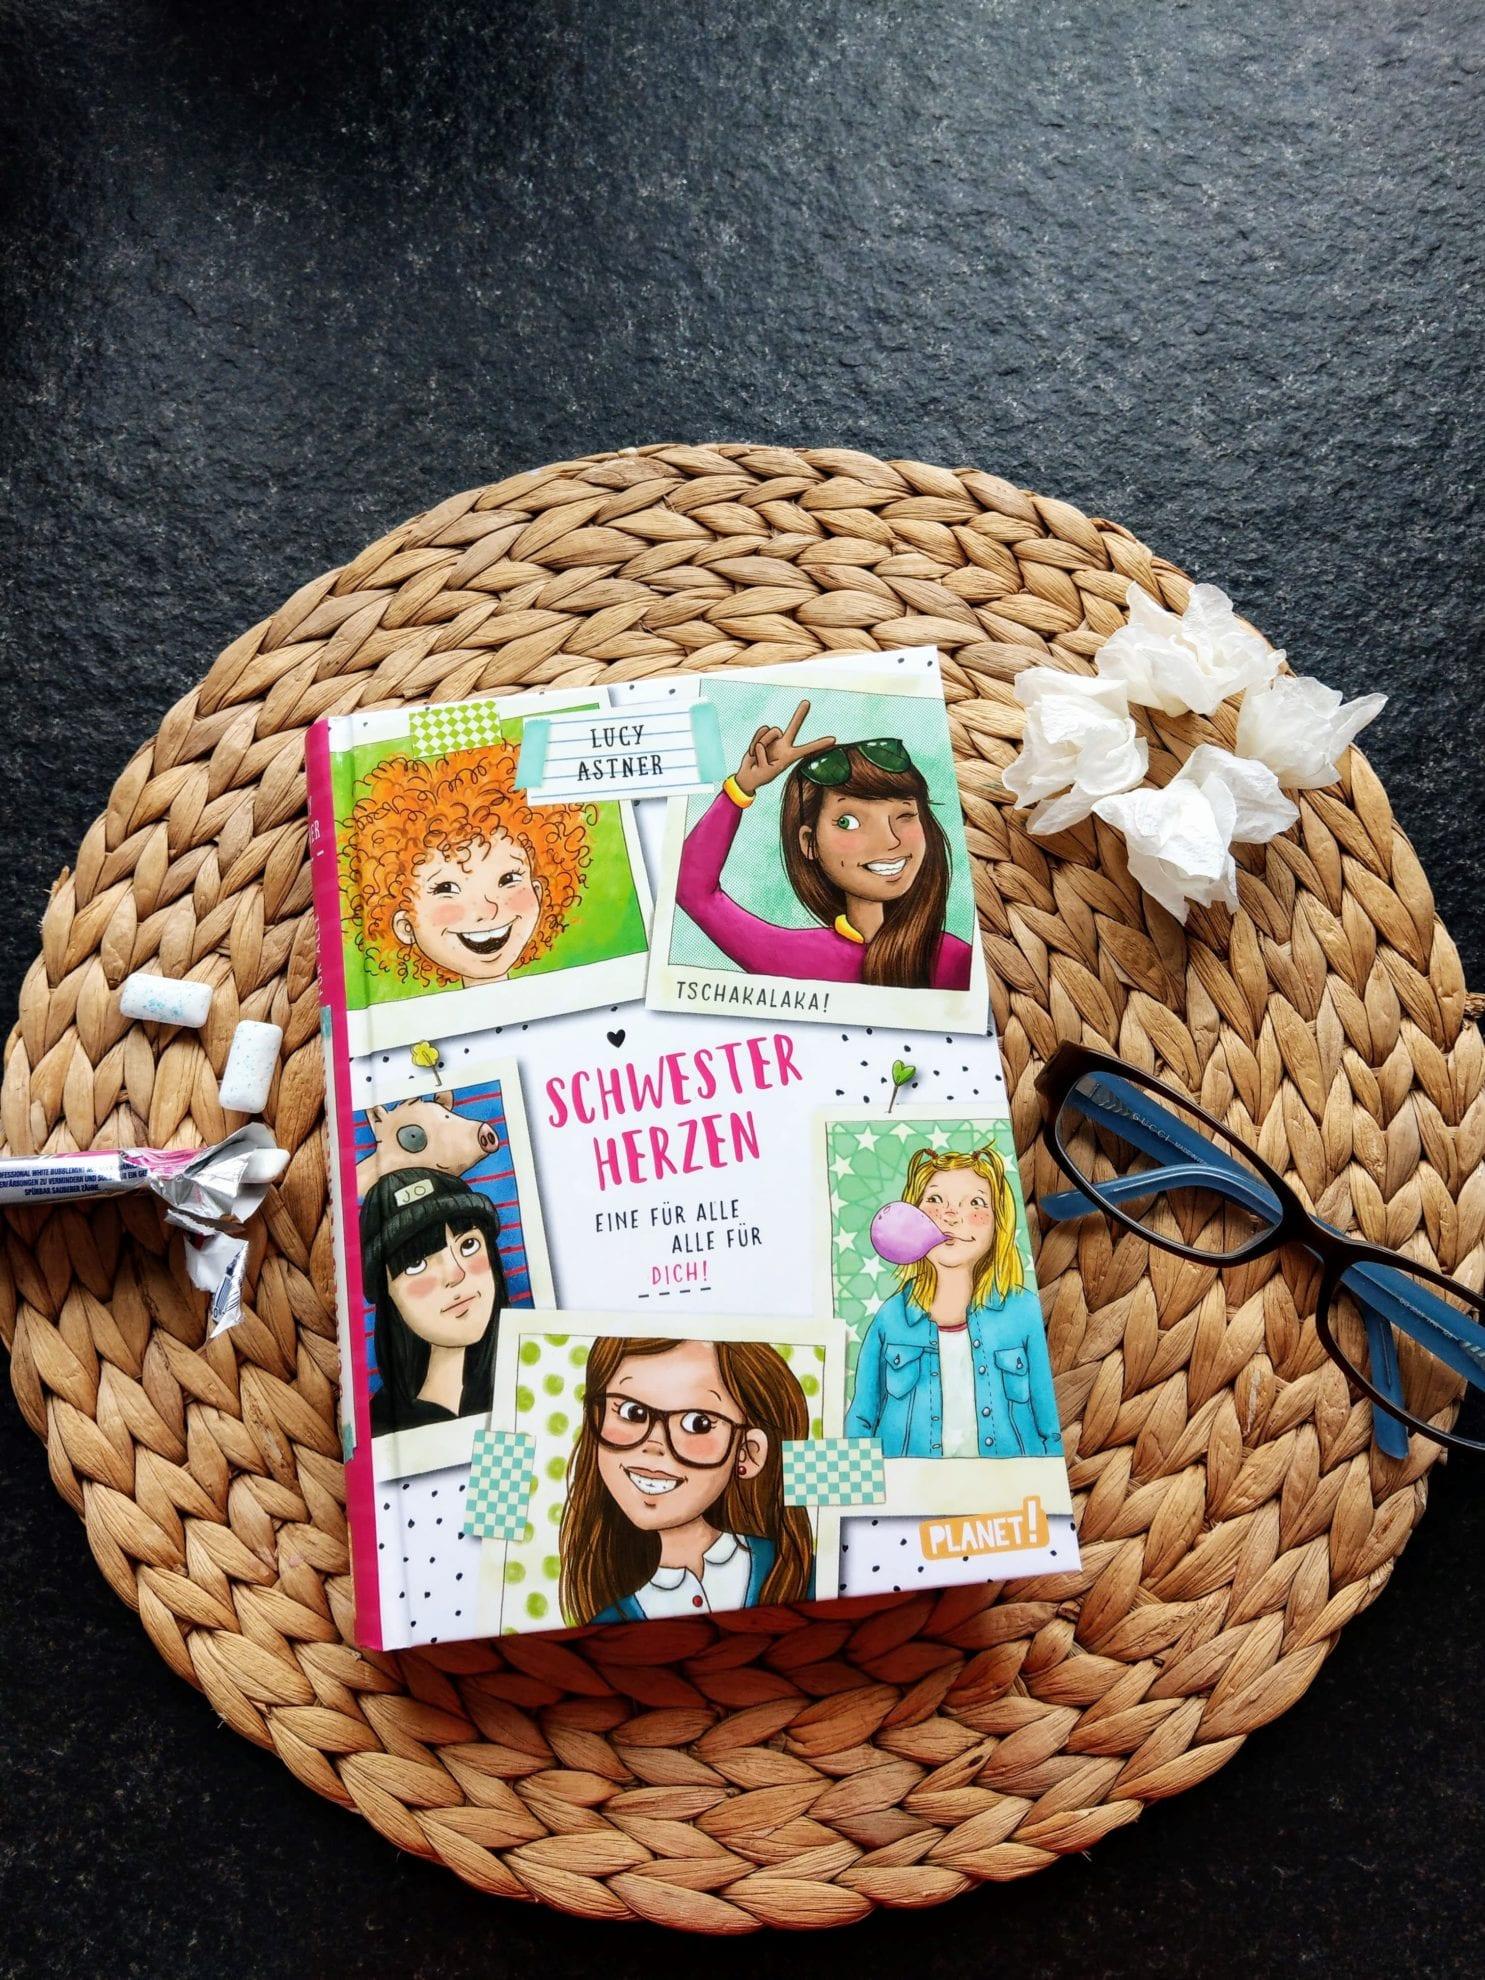 Kinderbuchtipp: Schwesterherzen! Weil Schwestern immer füreinander da sind und gegen den Rest der Welt zusammenhalten. Ein Lesetipp für starke Mädchen ab 10.